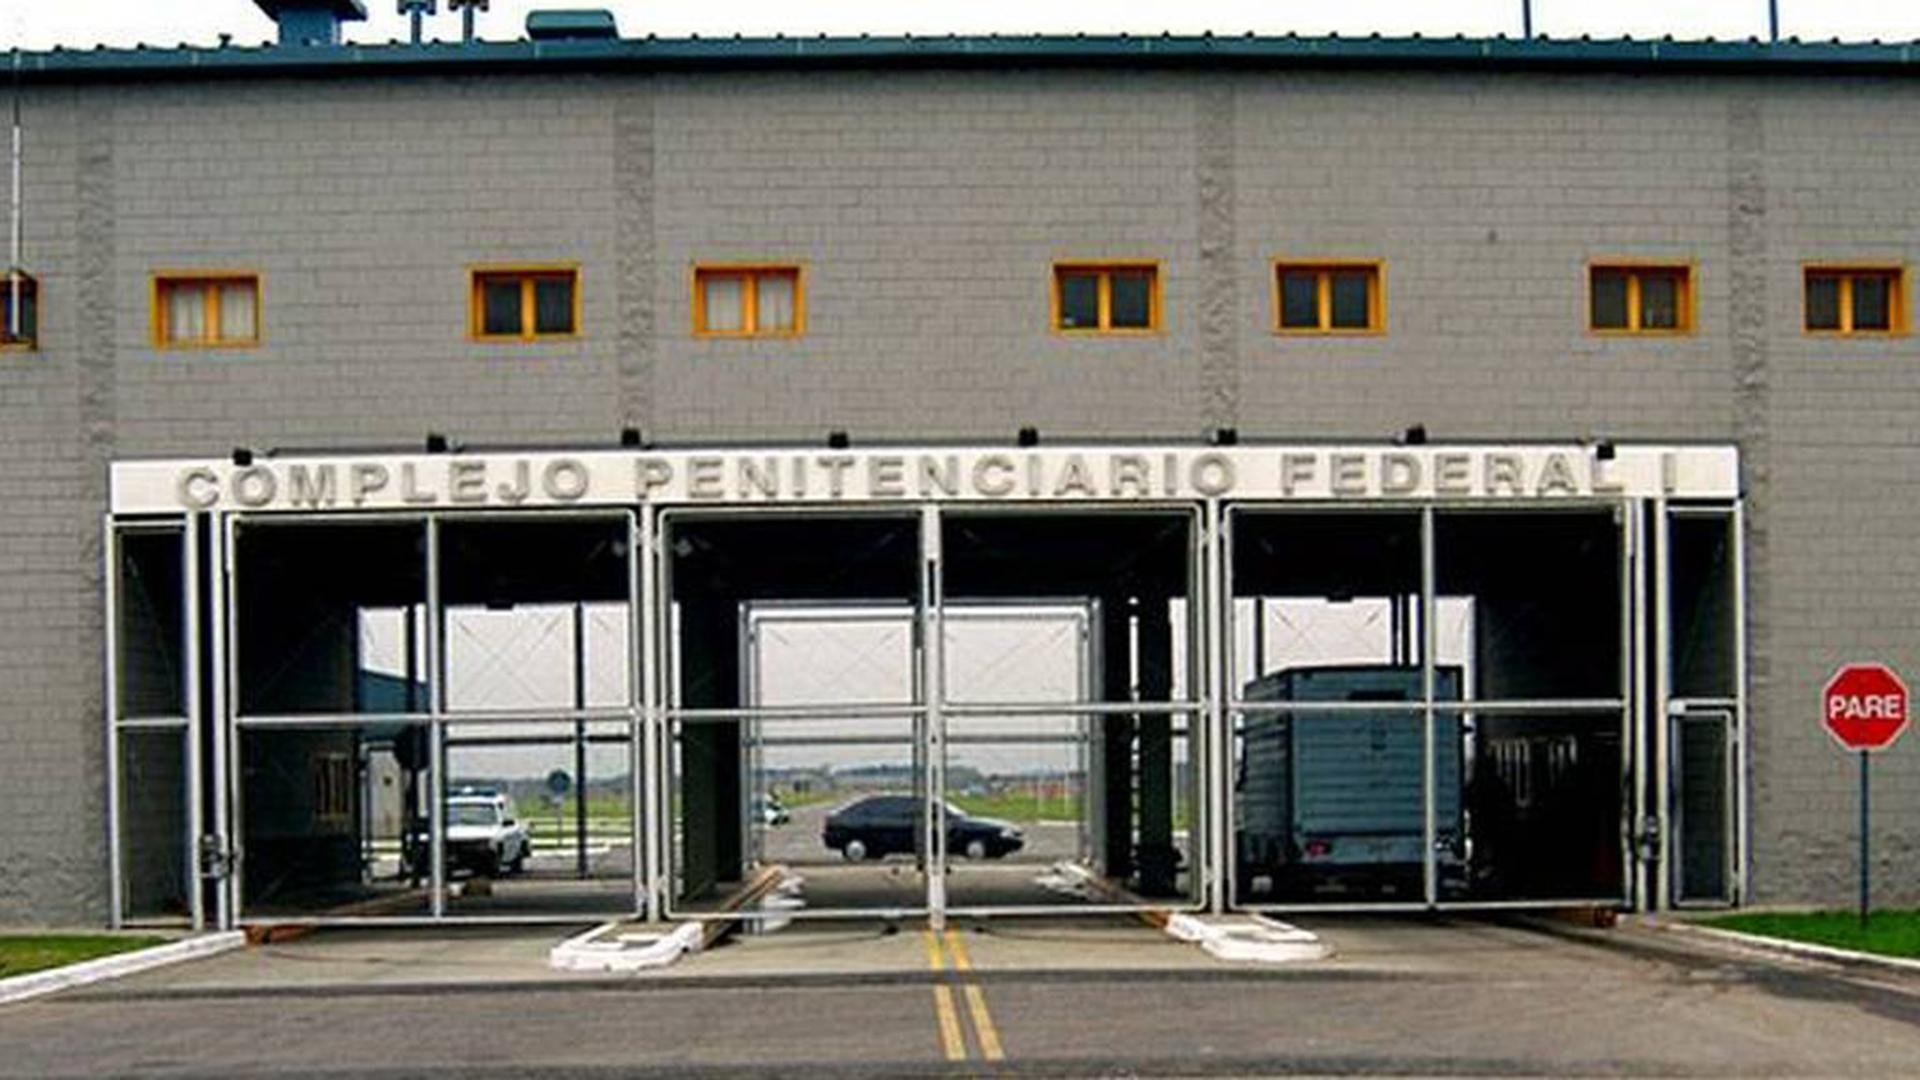 Lázaro Báez, Ricardo Jaime y, ahora José López son algunos de los internos de la cárcel de Ezeiza que serían alojados en los nuevos pabellones